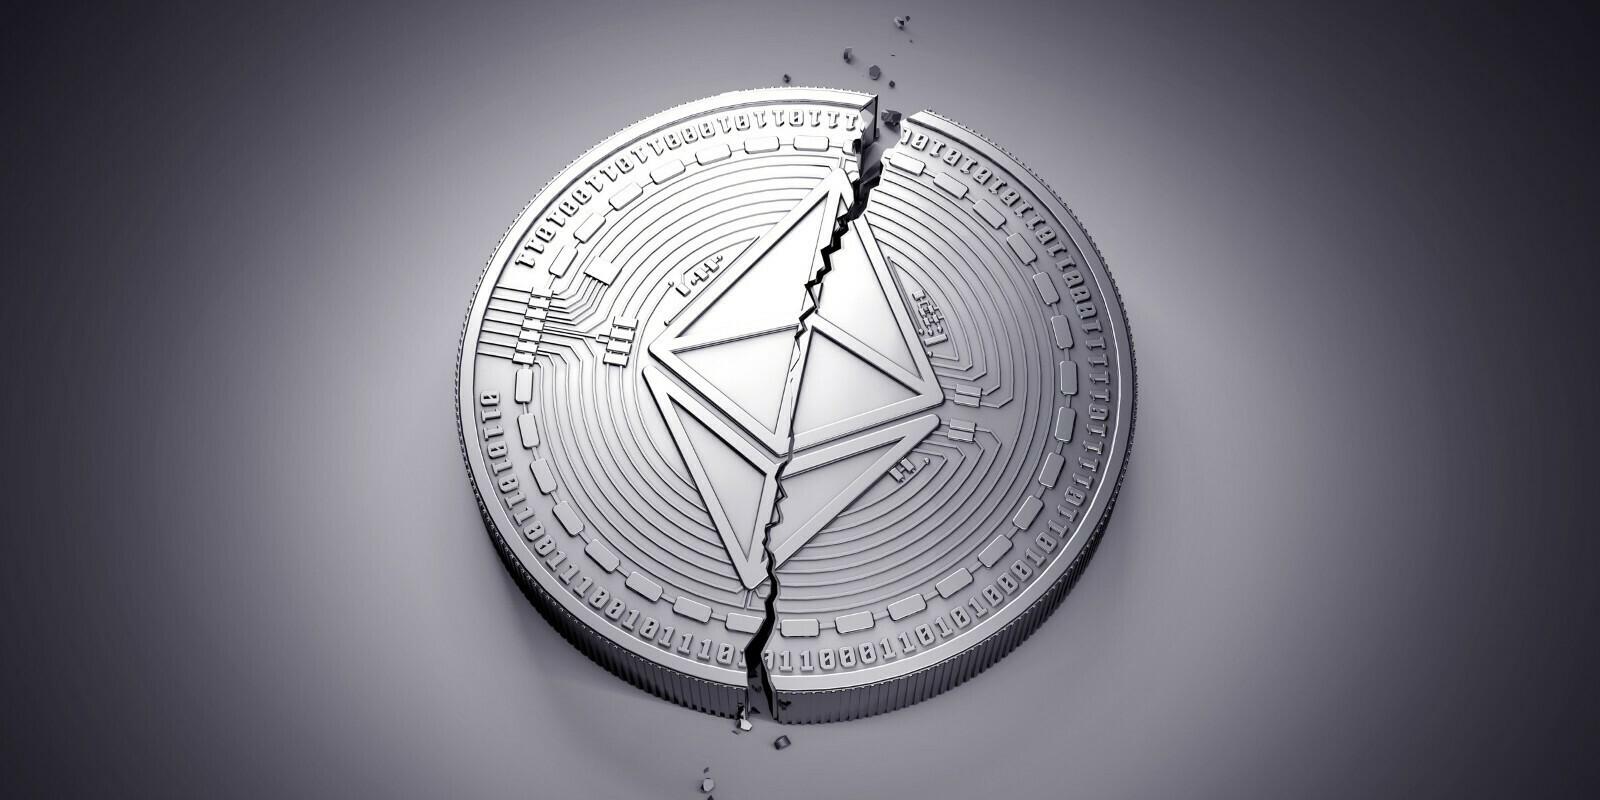 Le fournisseur d'infrastructure d'Ethereum subit une panne majeure - Les exchanges interrompent les retraits d'ETH